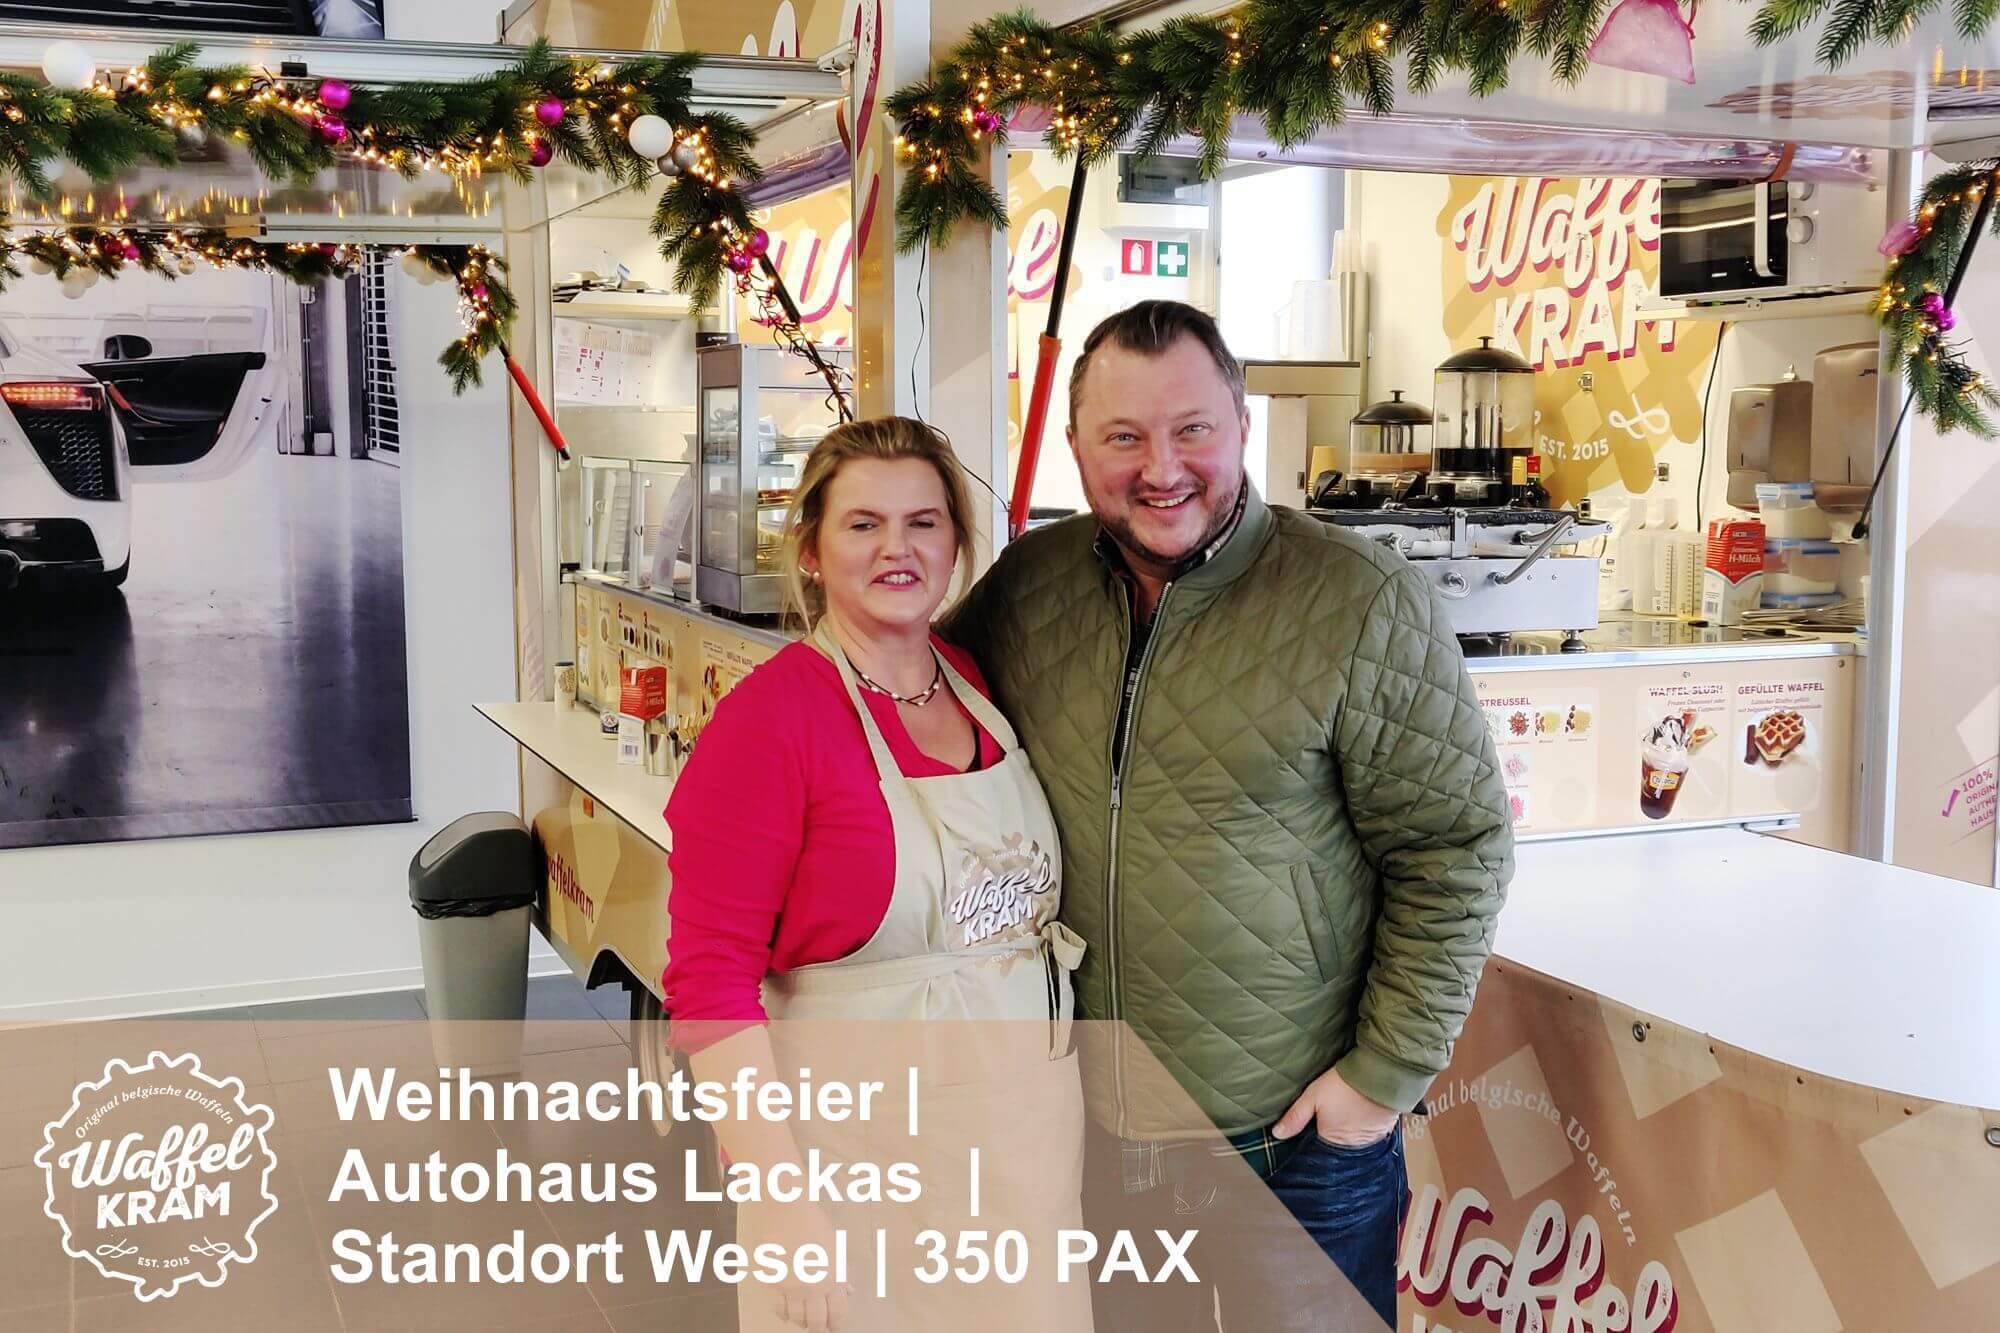 catering-weihnachtsfeier-tag-der-offenen-tuer-lackas-sebastian-lege-tx